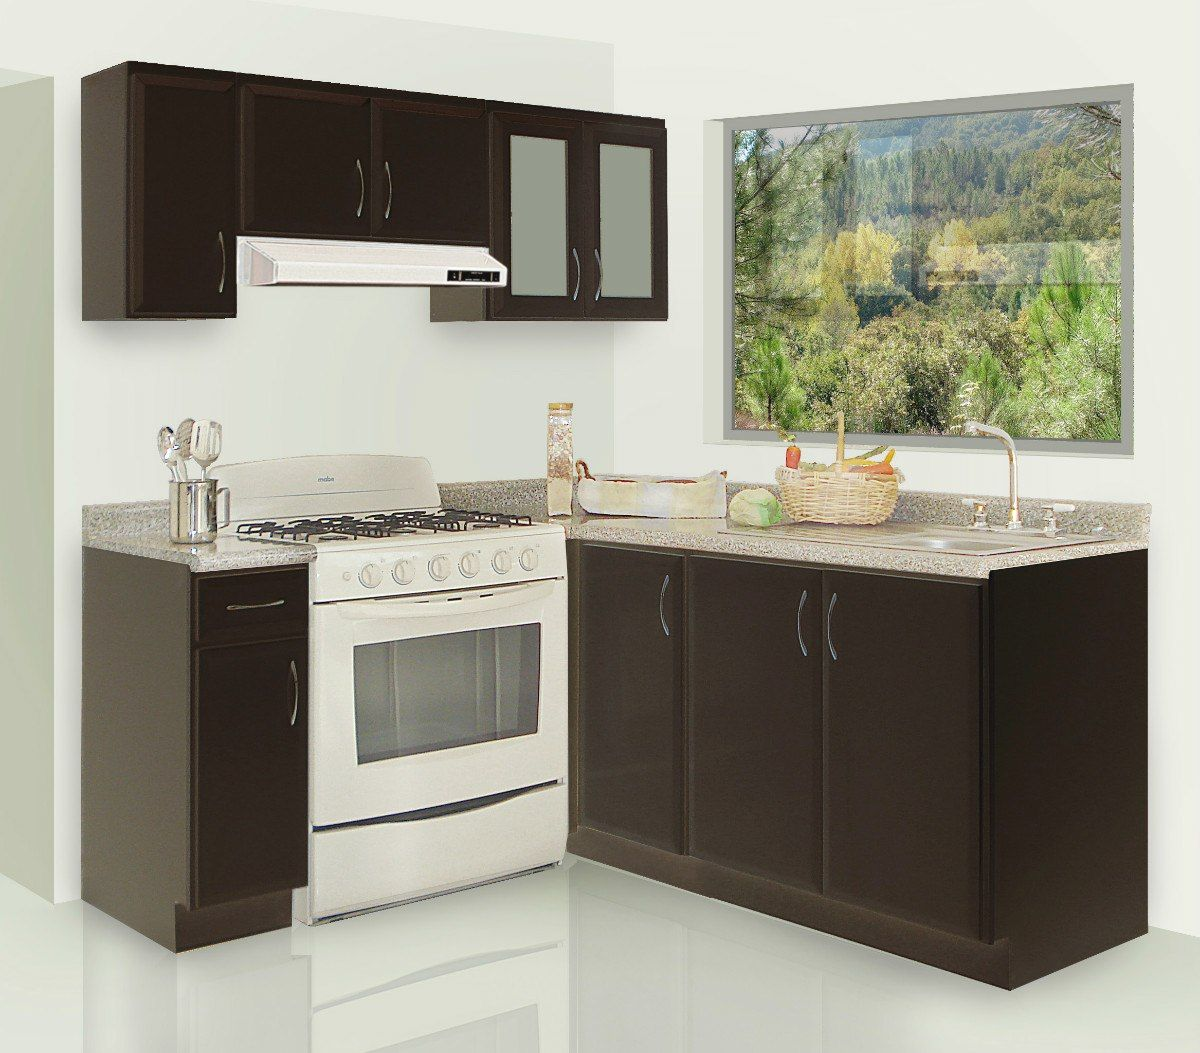 Imagenes de cocinas integrales modernas cocinas for Modelos de cocinas integrales modernas